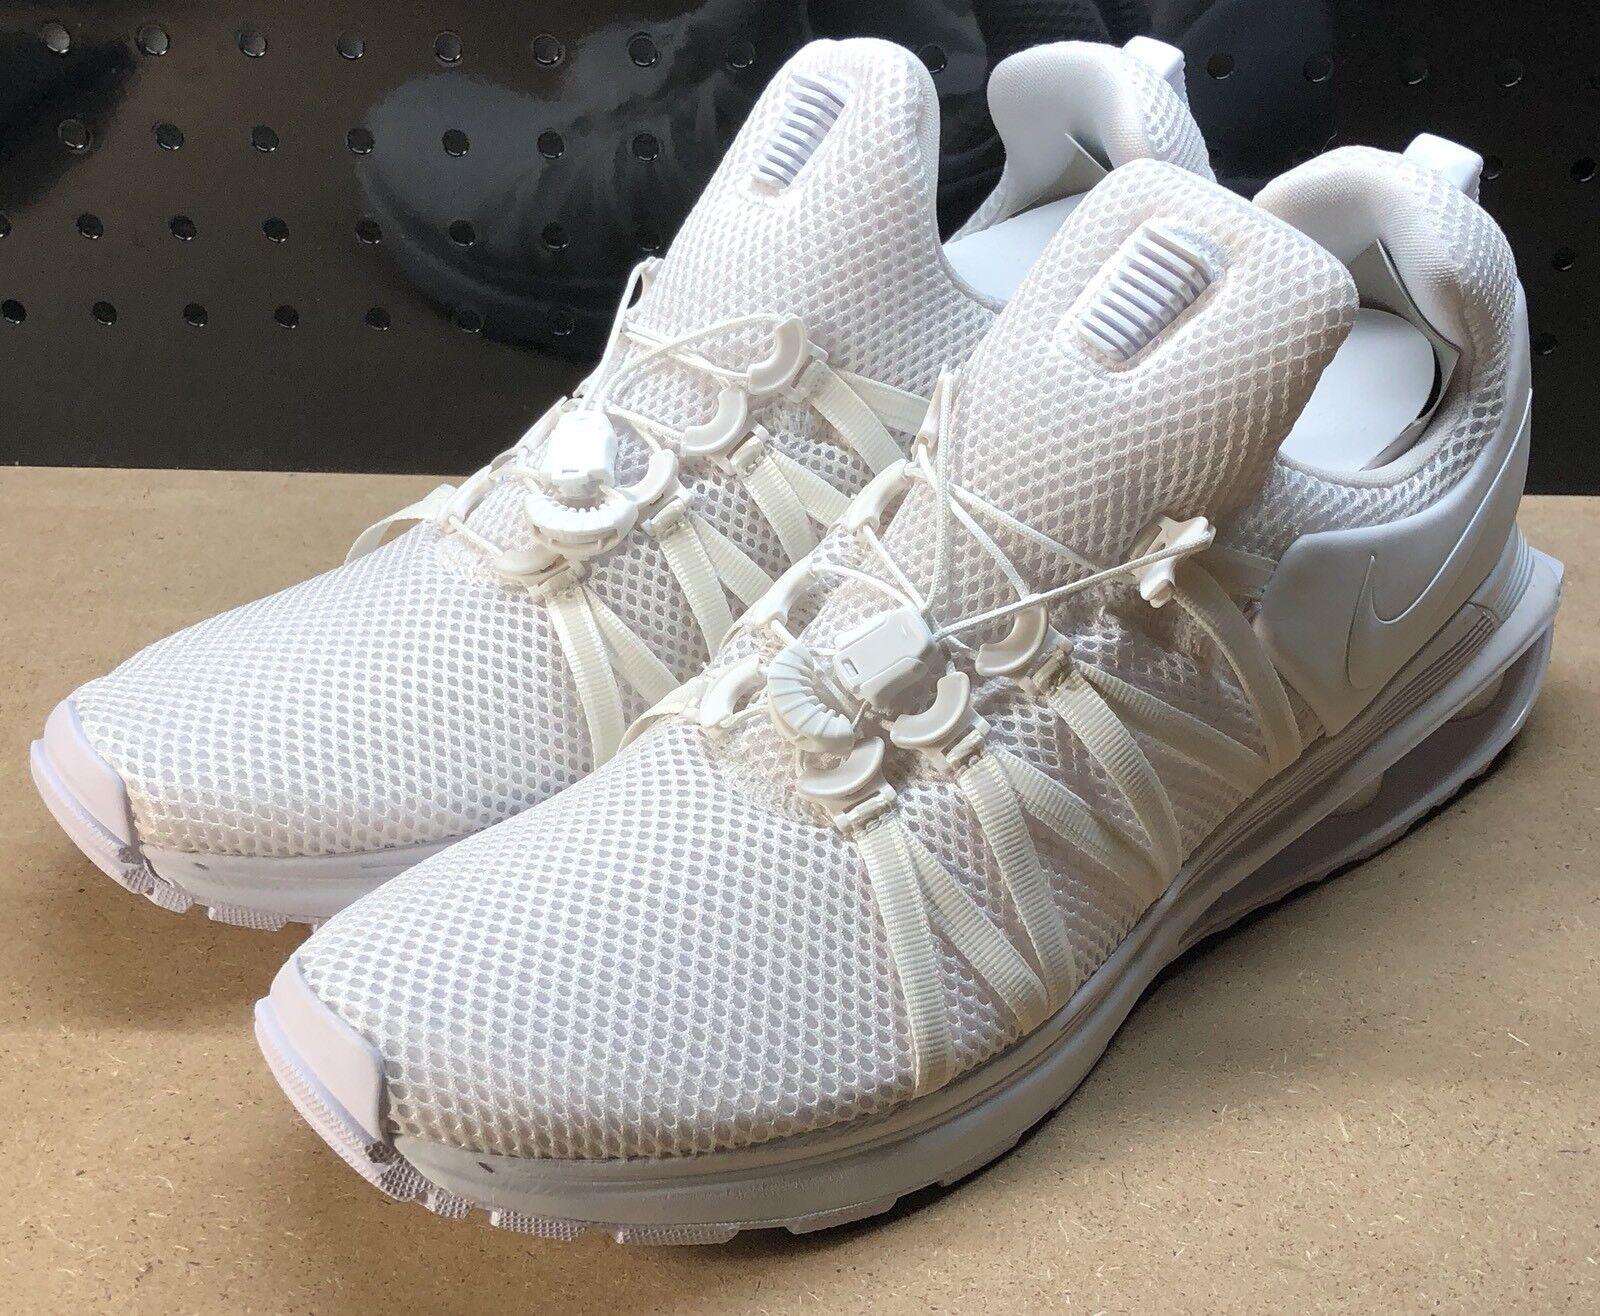 designer fashion 5e26b 4d734 Nike Shox zapatos corrientes de los hombres de de de gravedad blanco cómodo  el último descuento